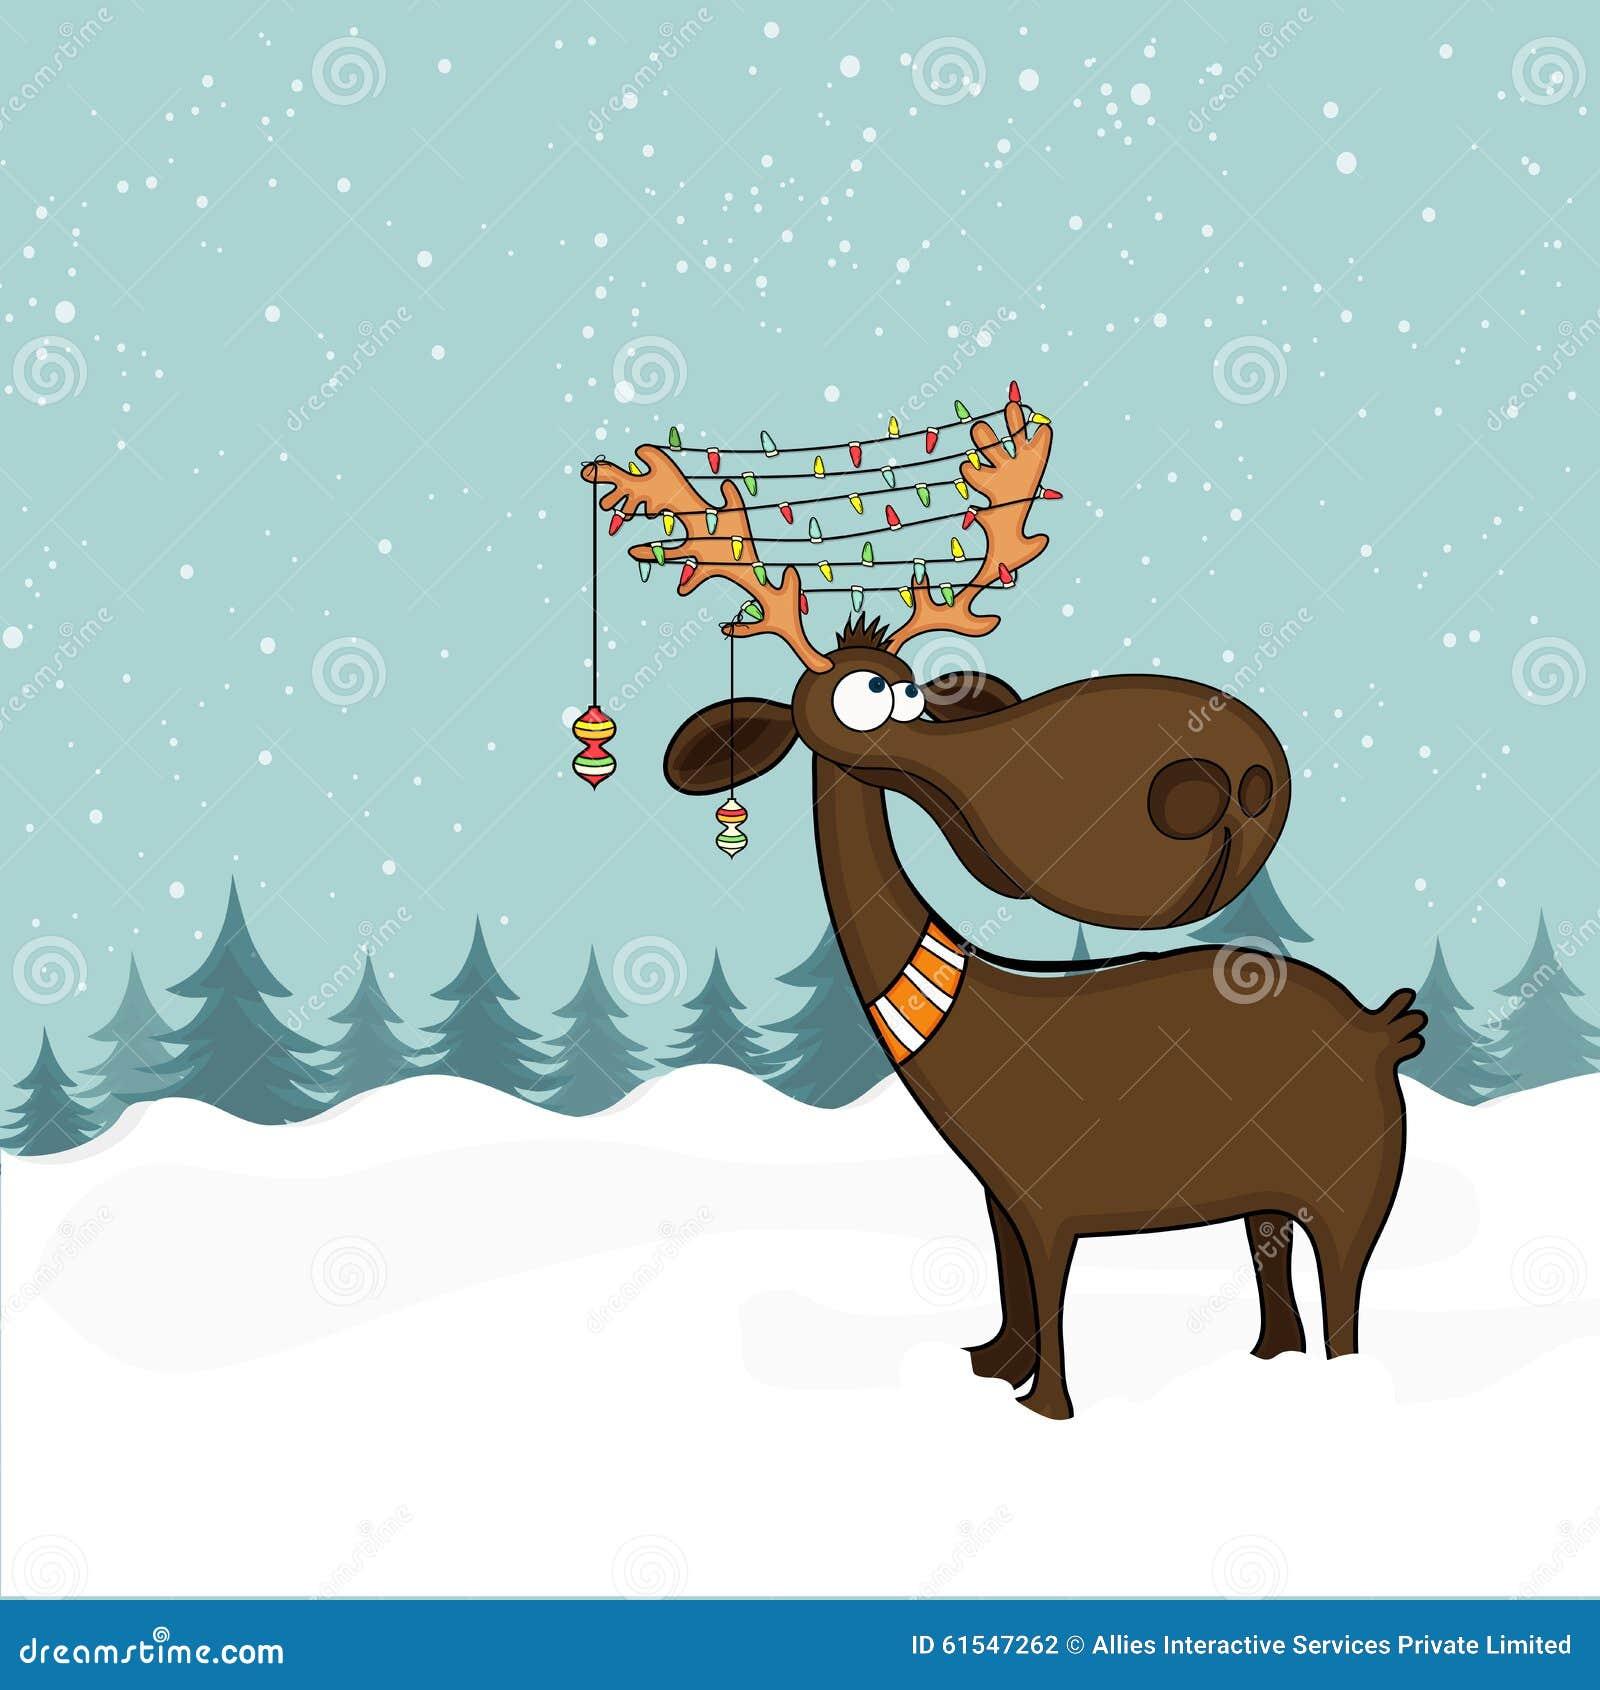 Lustiges Für Weihnachtsfeier.Lustiges Ren Für Weihnachtsfeier Stock Abbildung Illustration Von